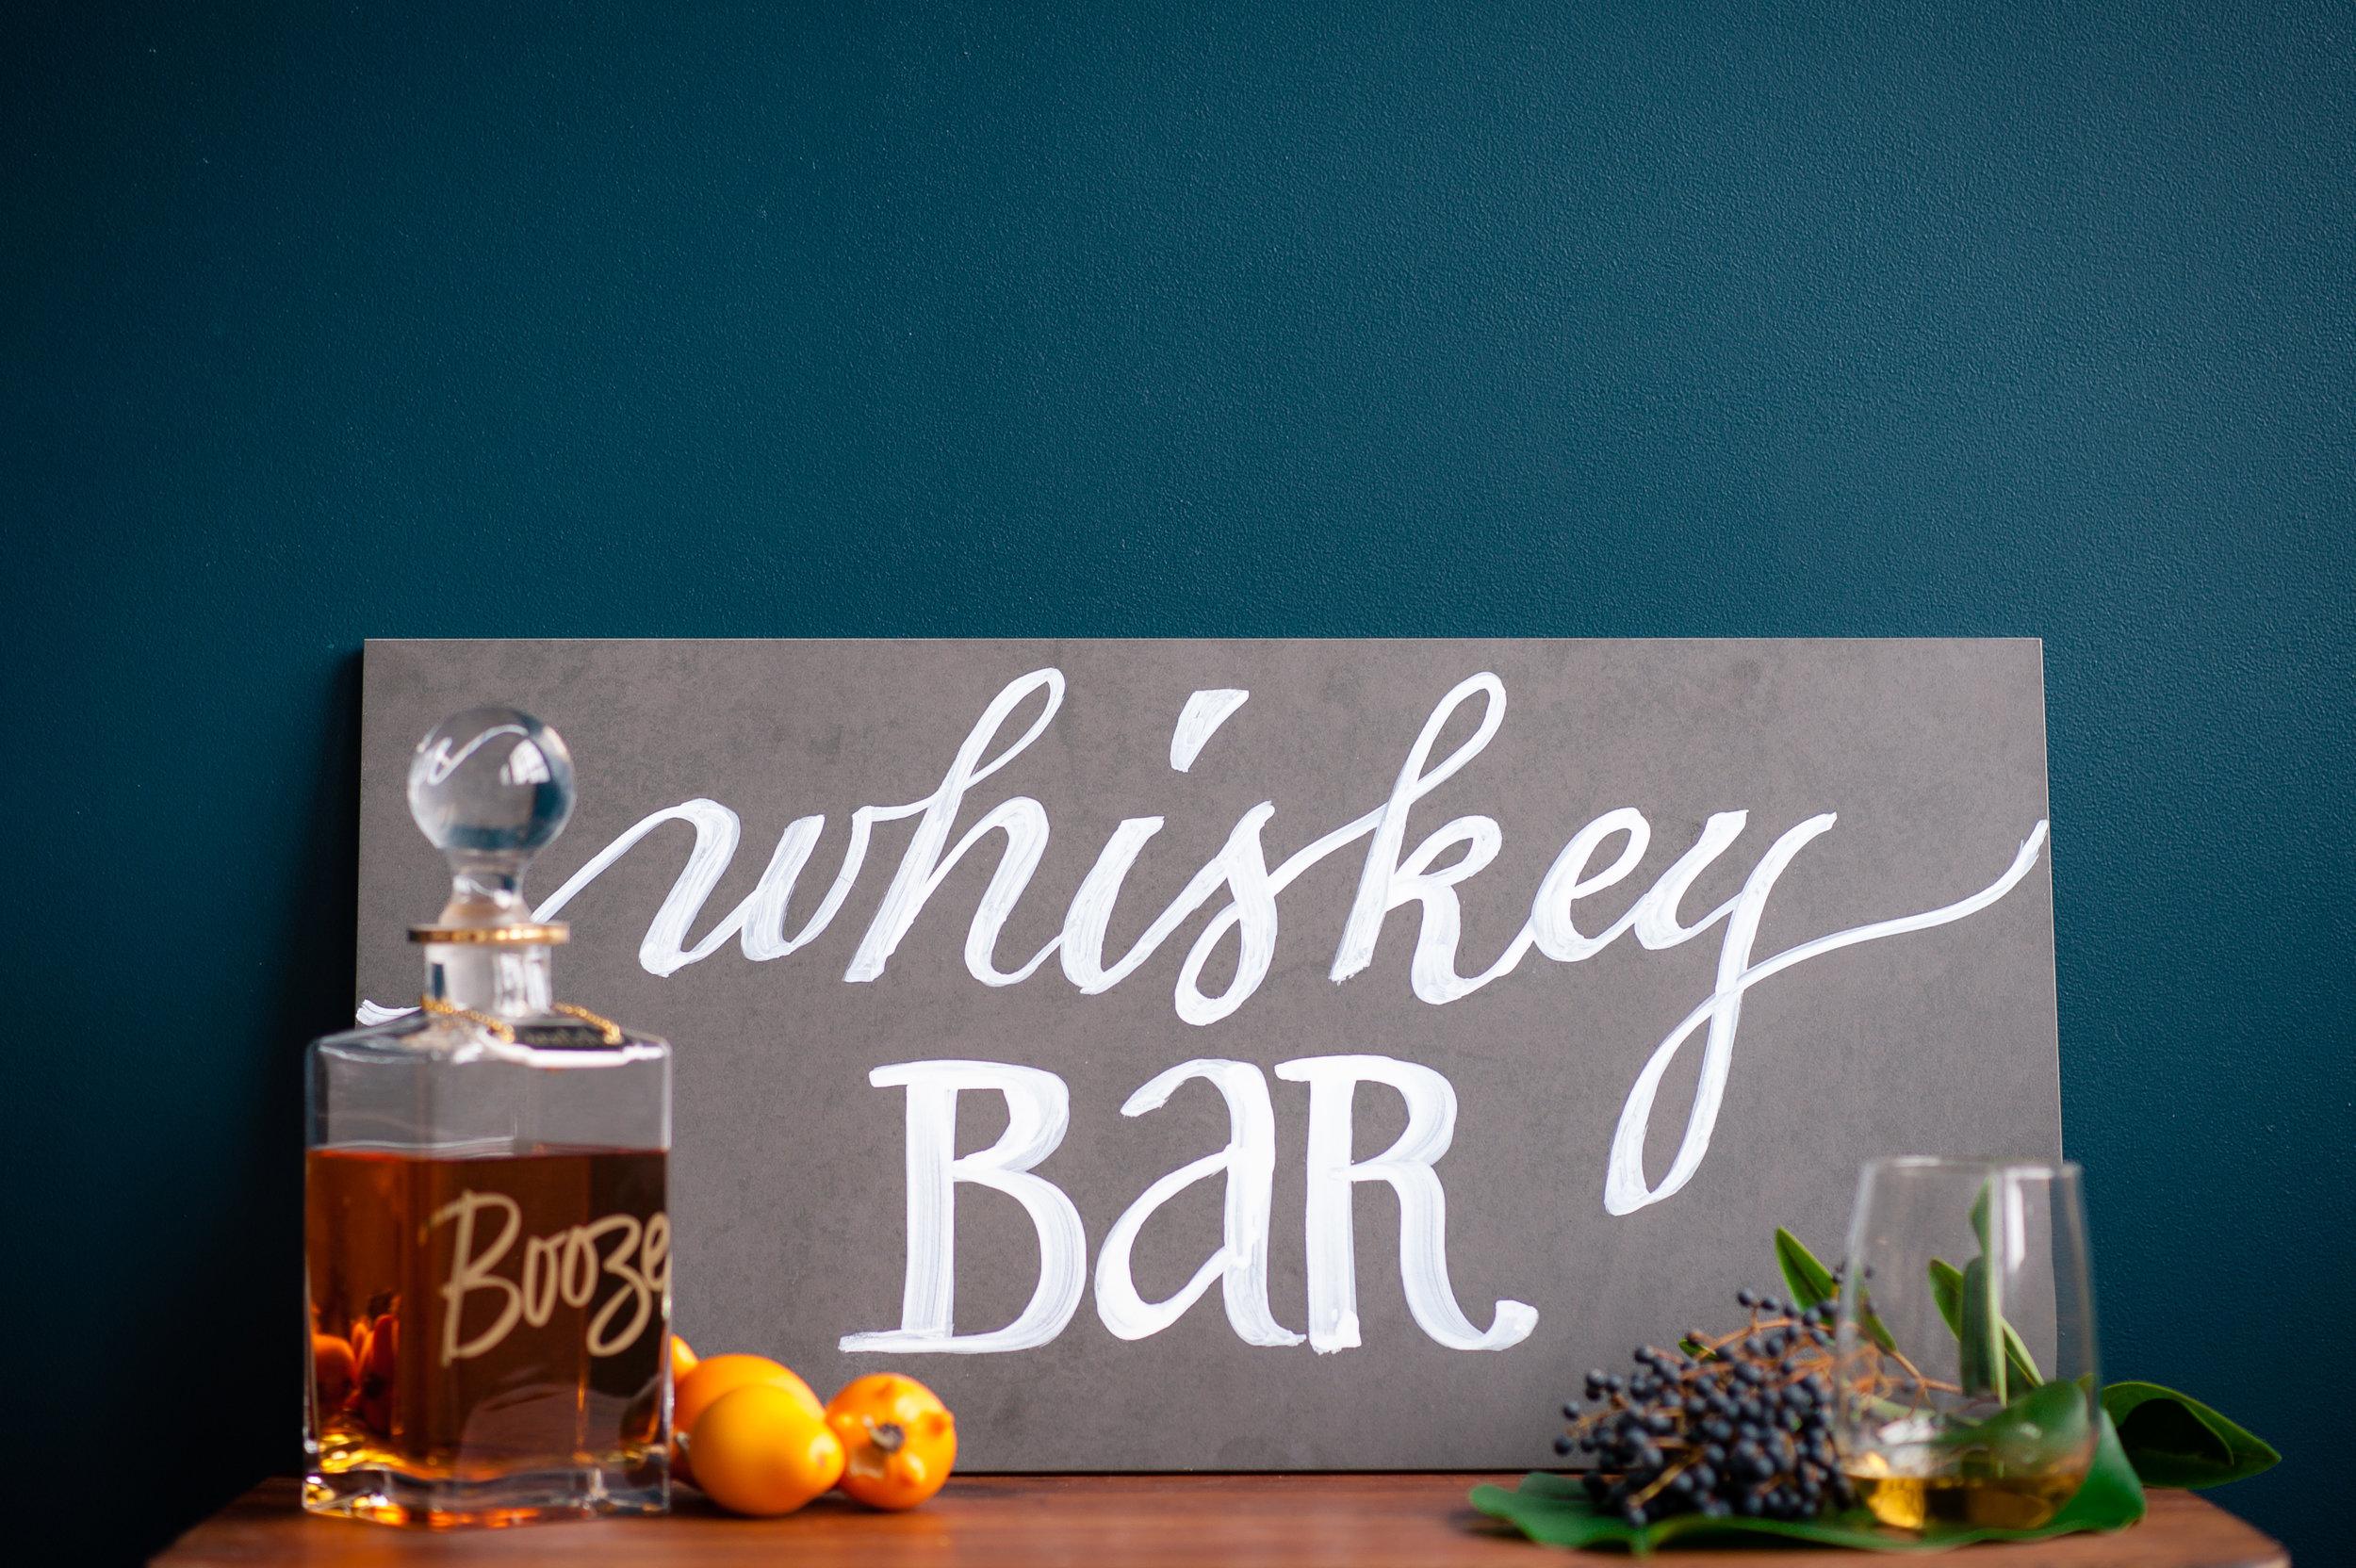 Whiskey bar ii.jpg